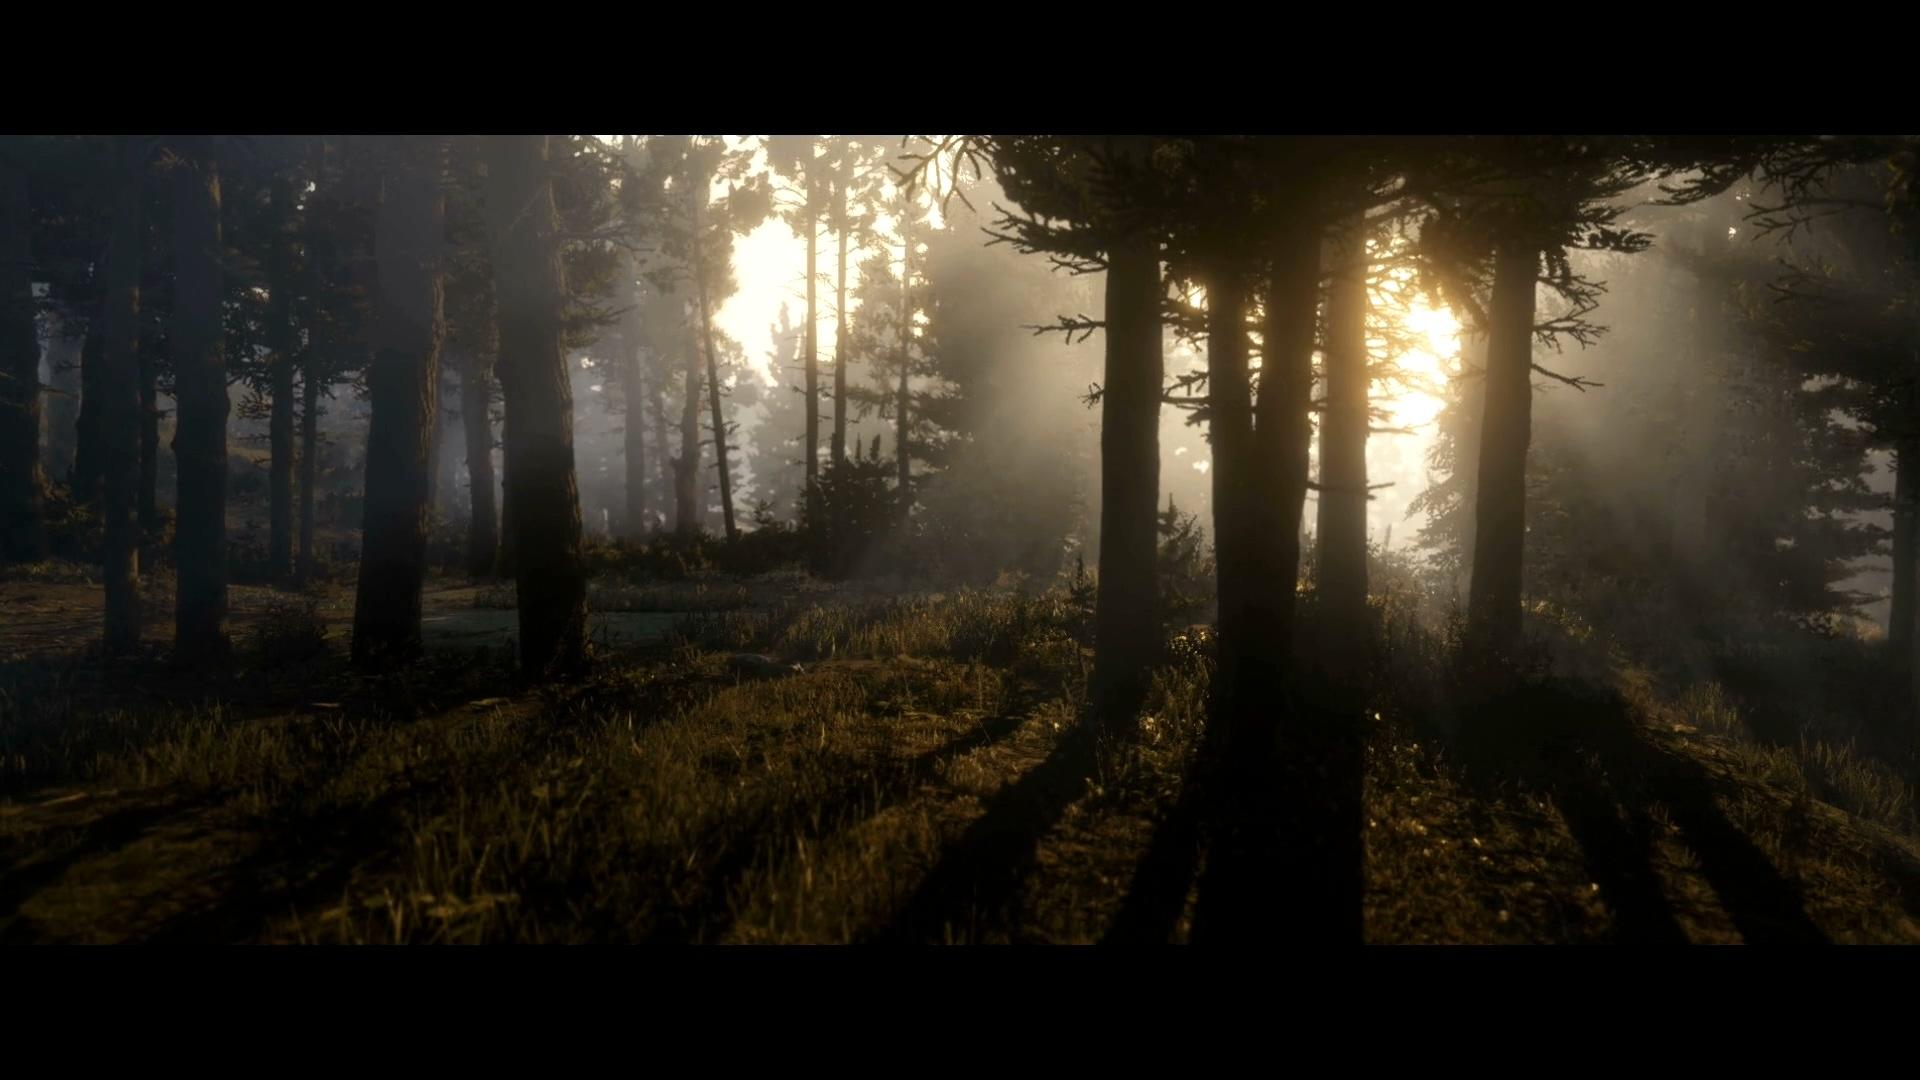 《荒野大镖客2》拥有伟大的故事和有趣的游戏内容